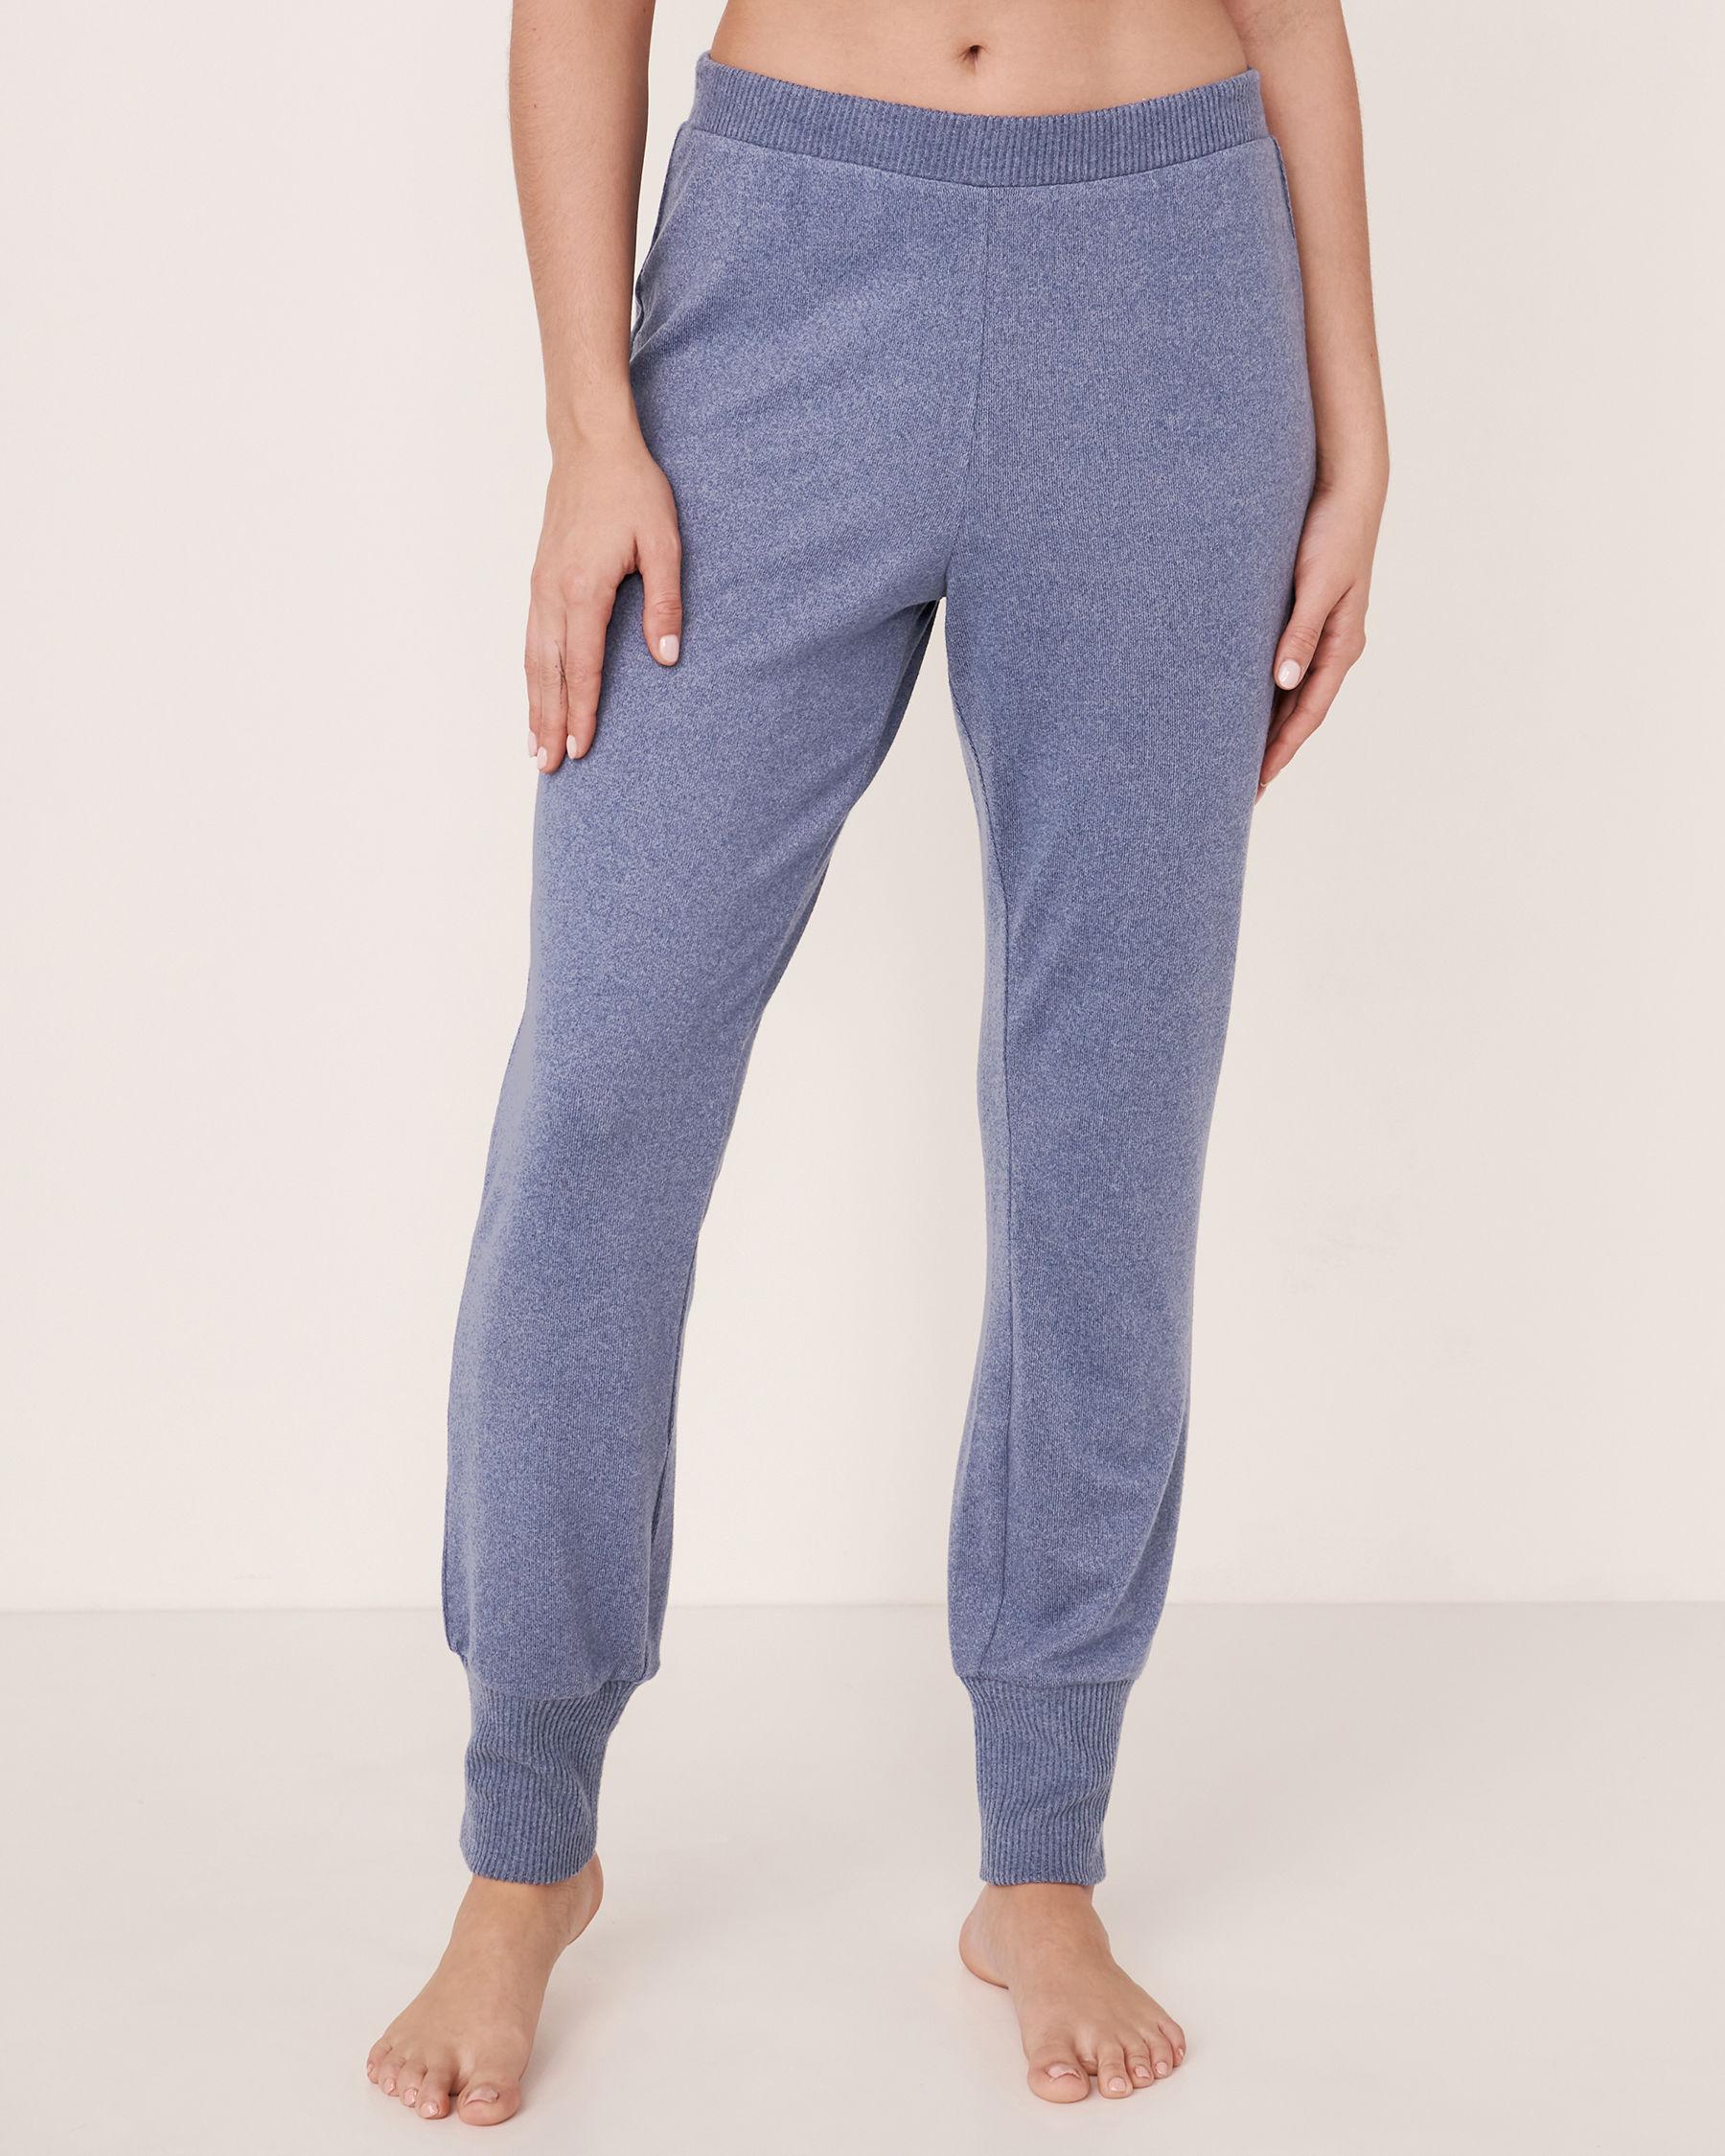 LA VIE EN ROSE Soft Knit Fitted Pant Blue denim mix 50200008 - View1